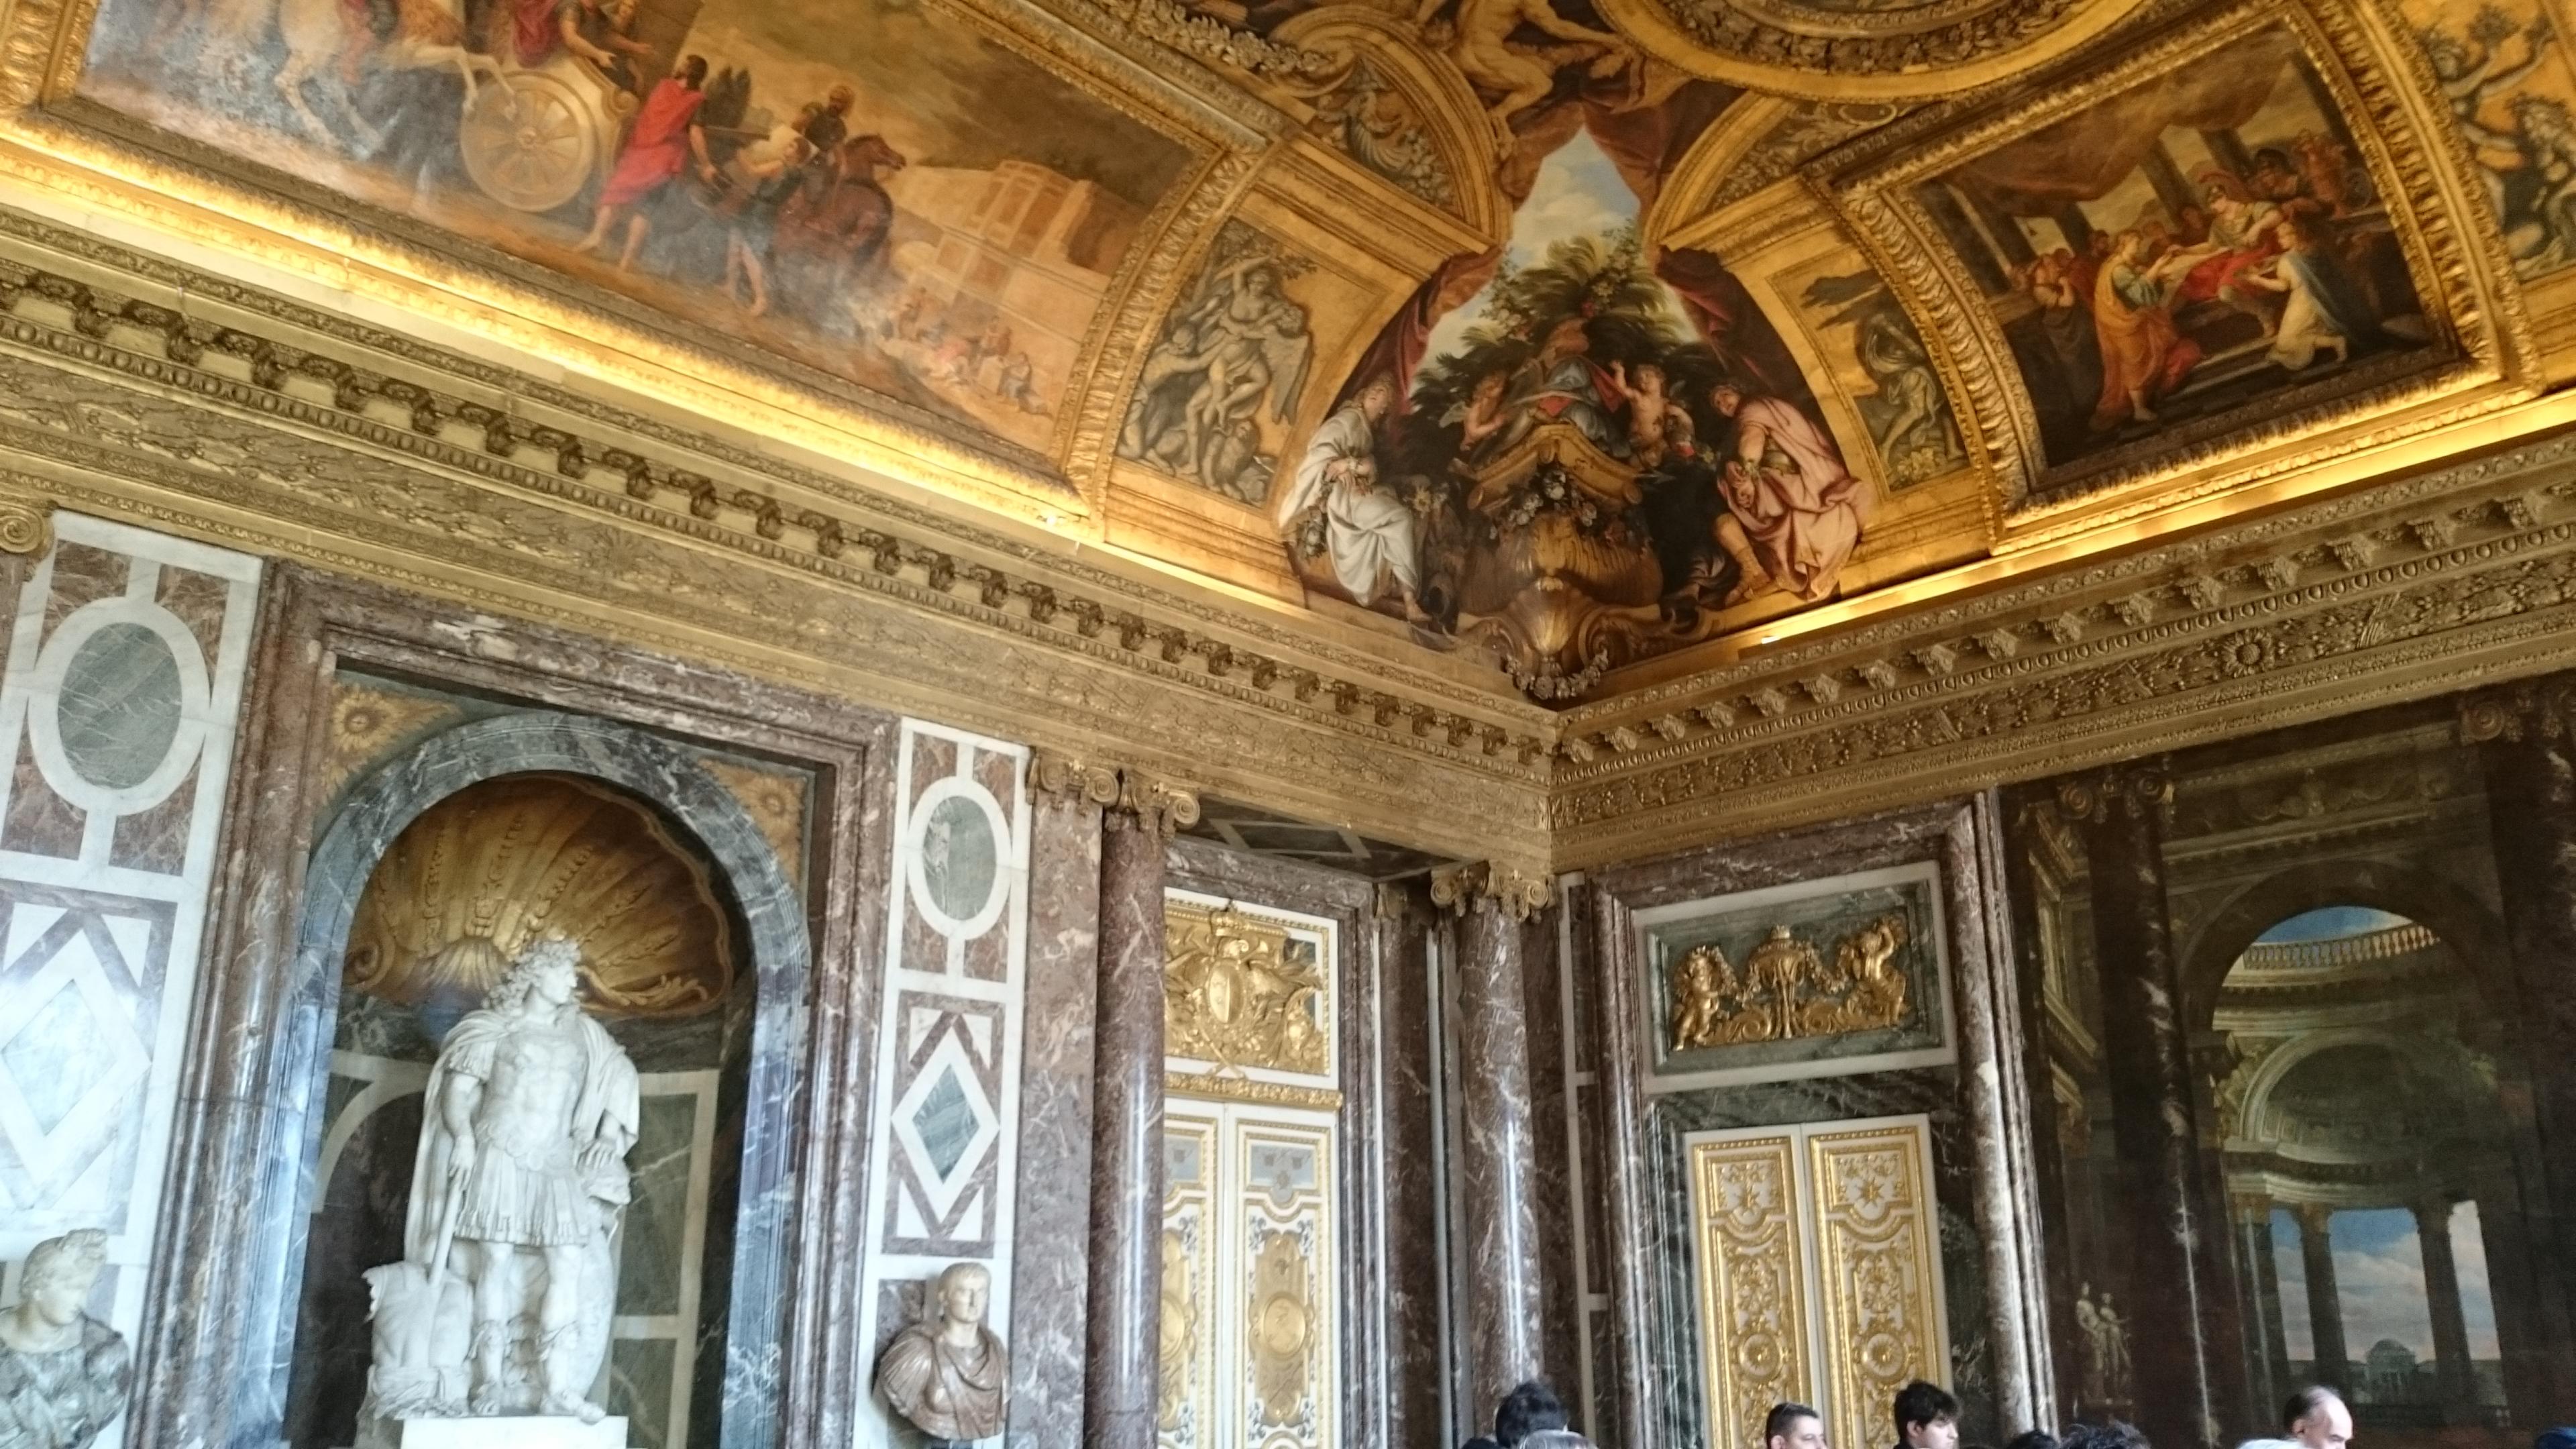 dsc 13431 - Visita al Palacio de Versalles: Como ir, cuanto cuesta y tips III/III